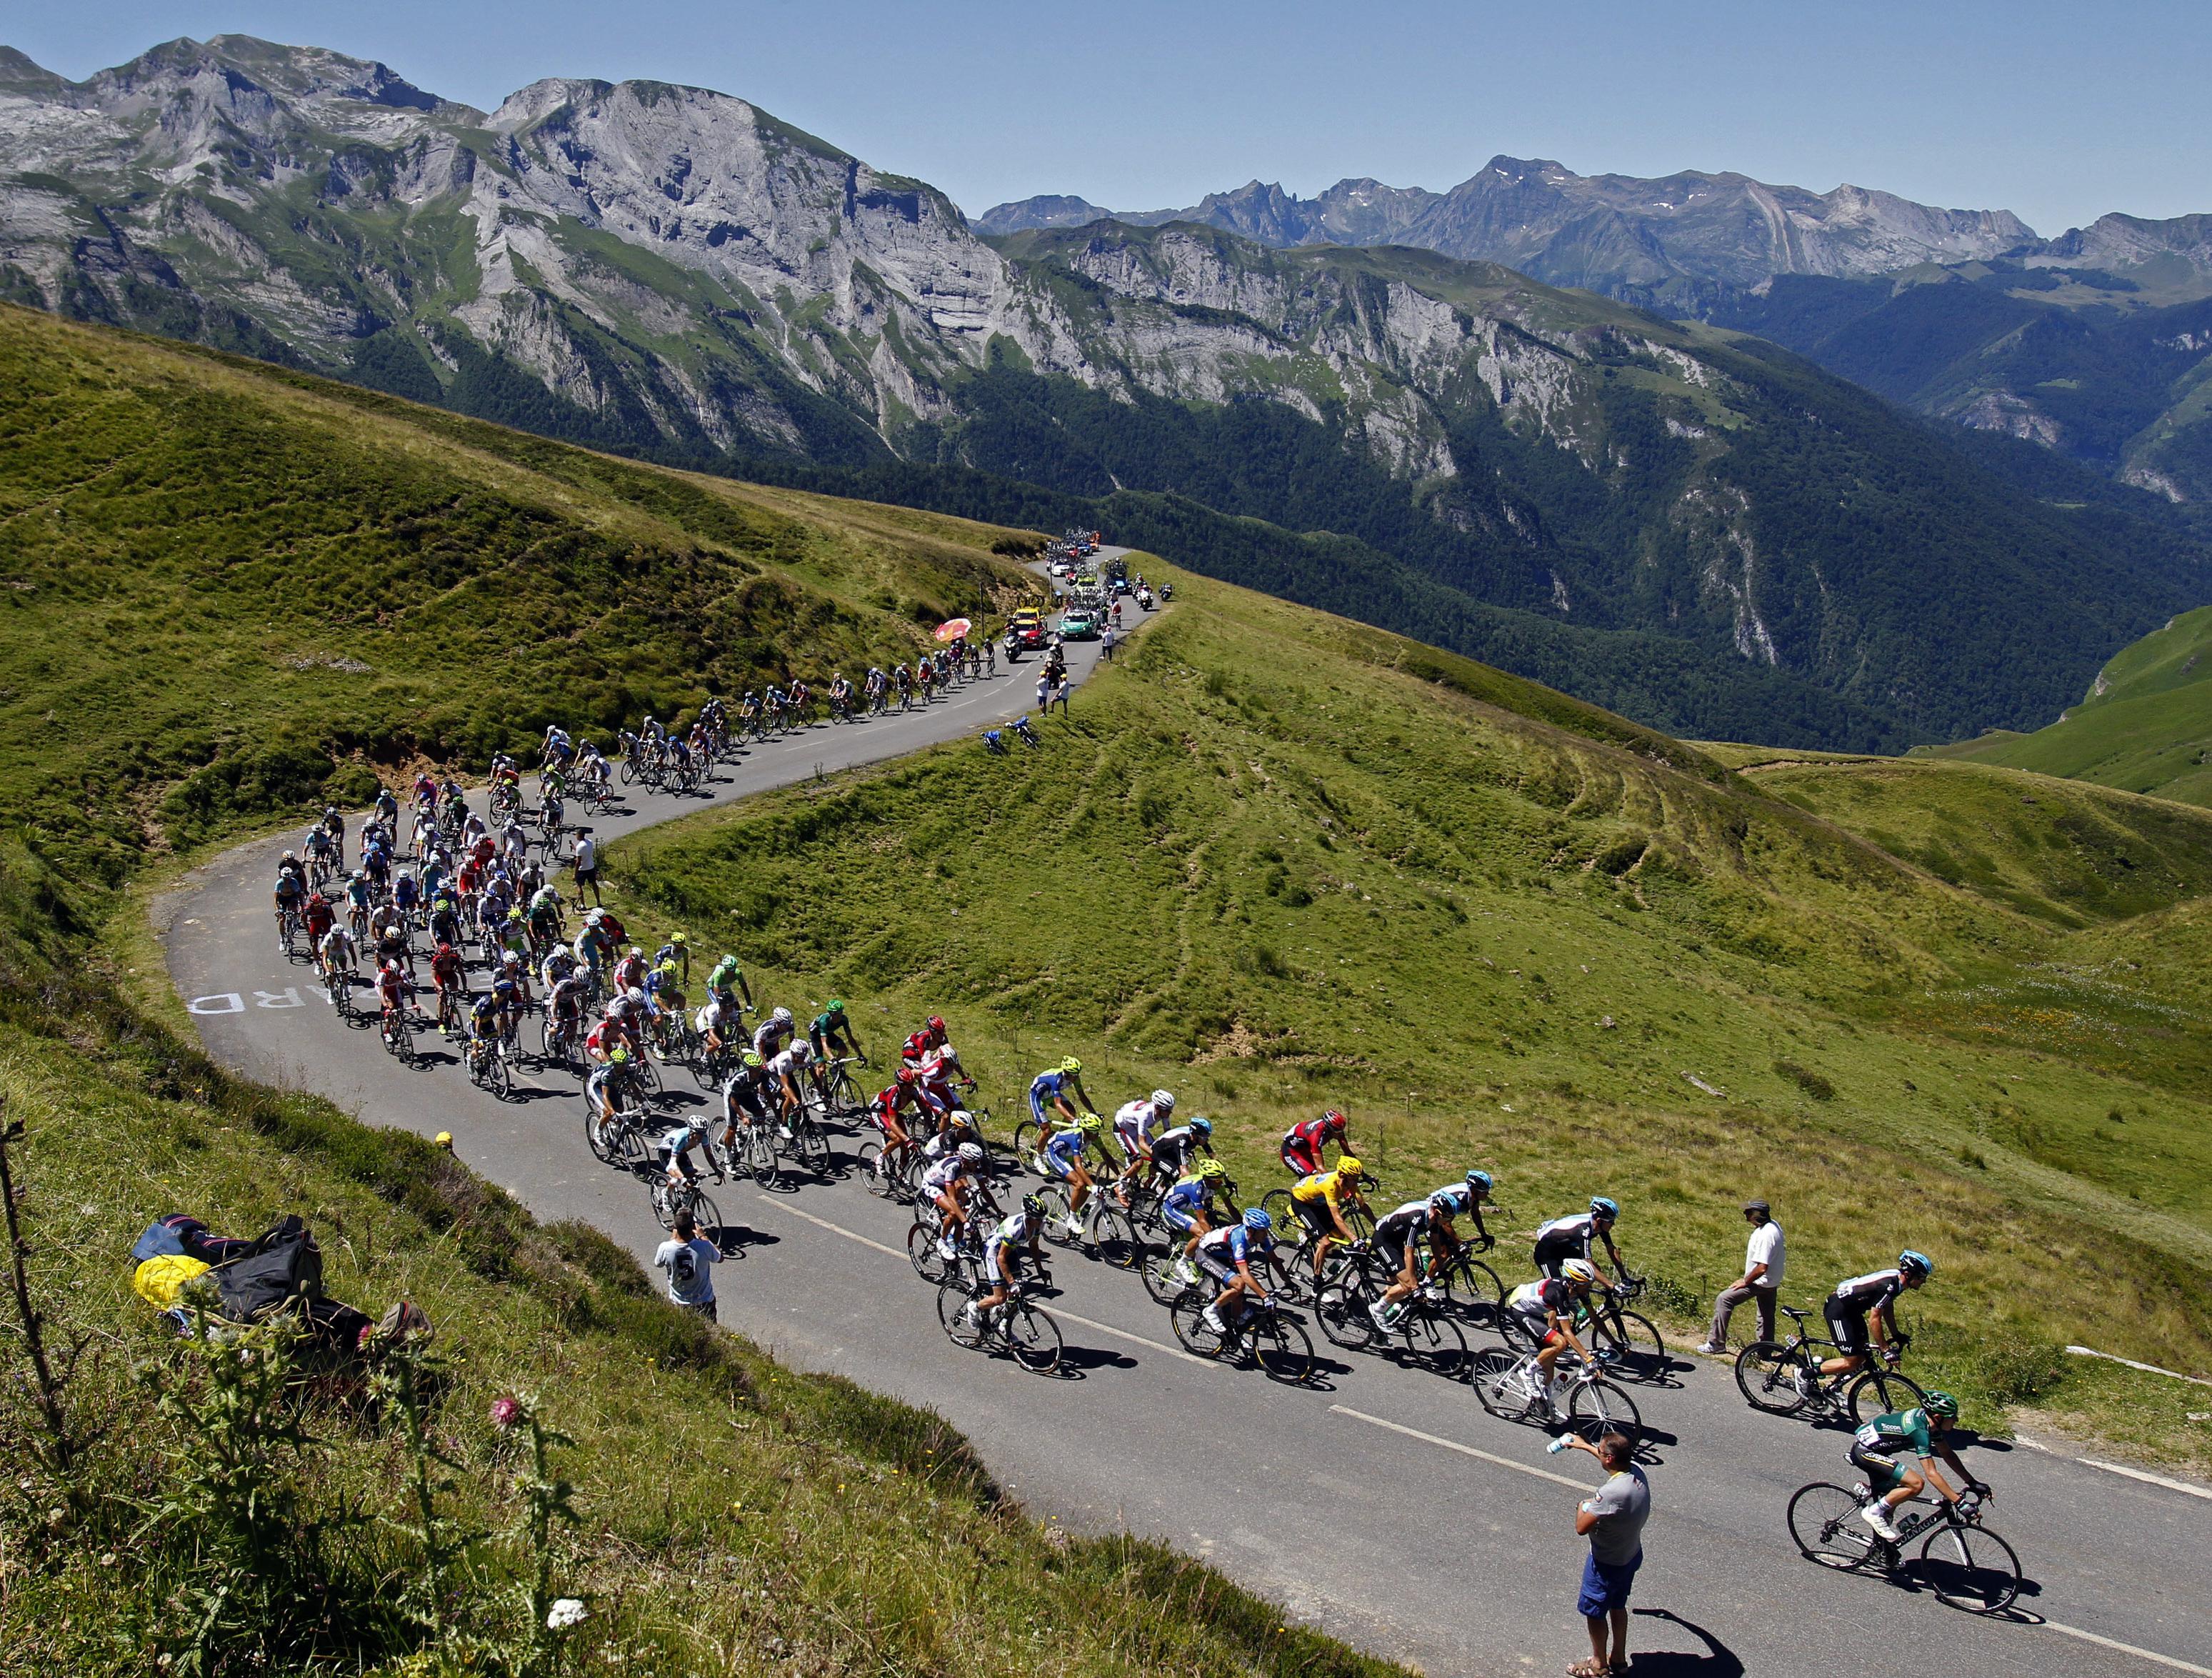 http://sport24.lefigaro.fr/var/plain_site/storage/images/cyclisme/diaporamas/la-16e-etape-en-images2/que-la-montagne-est-belle/13579458-2-fre-FR/Que-la-montagne-est-belle.jpg